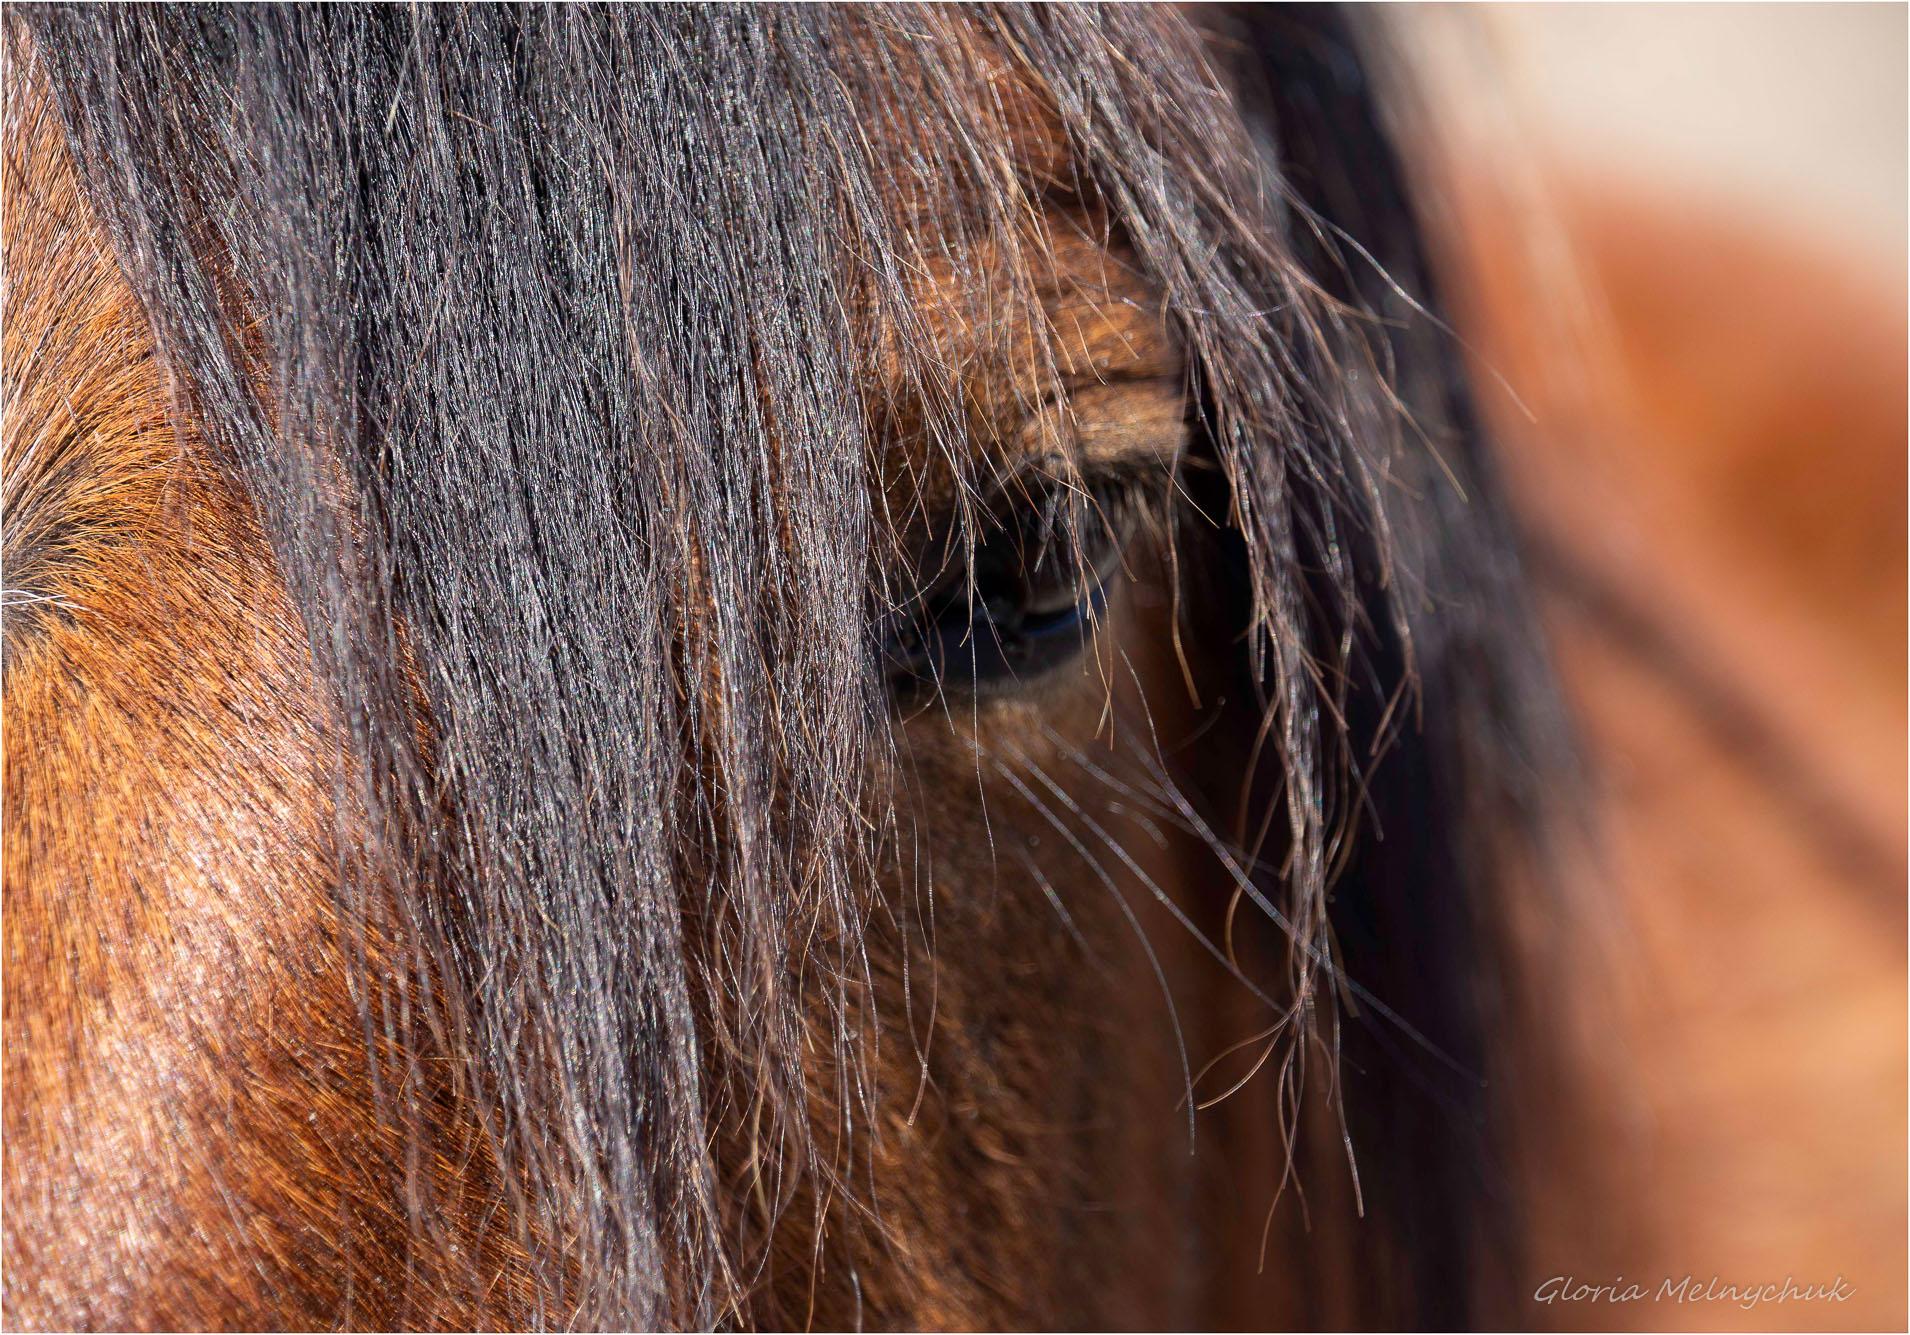 One from the Herd  -  Gloria Melnychuk